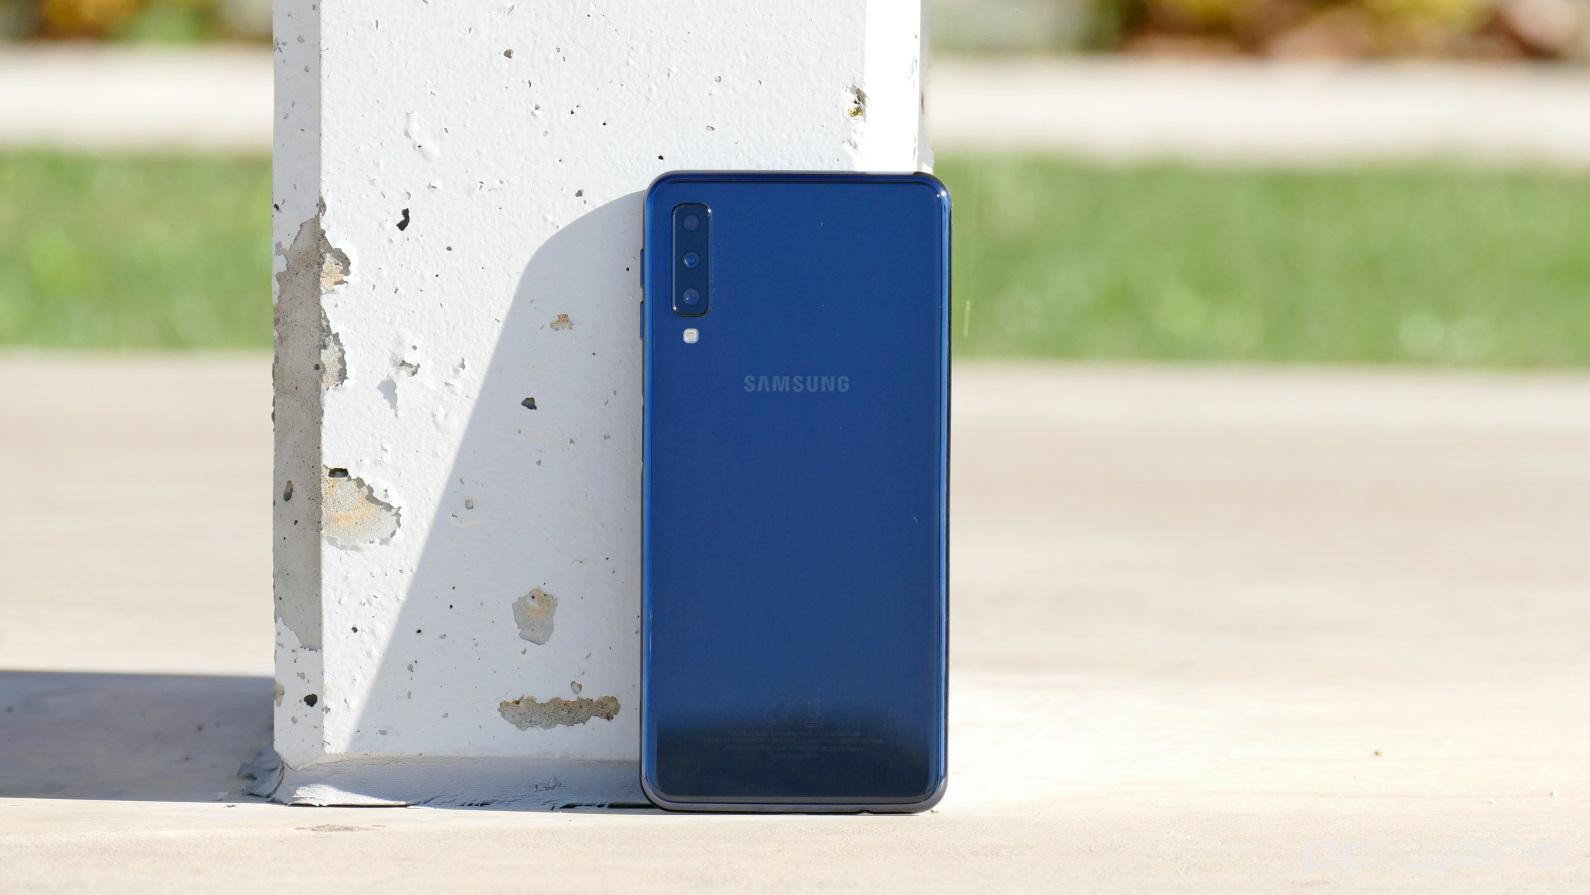 d7b640ae48 Análise  Samsung Galaxy A7 (2018) e a sua câmara tripla - Pplware